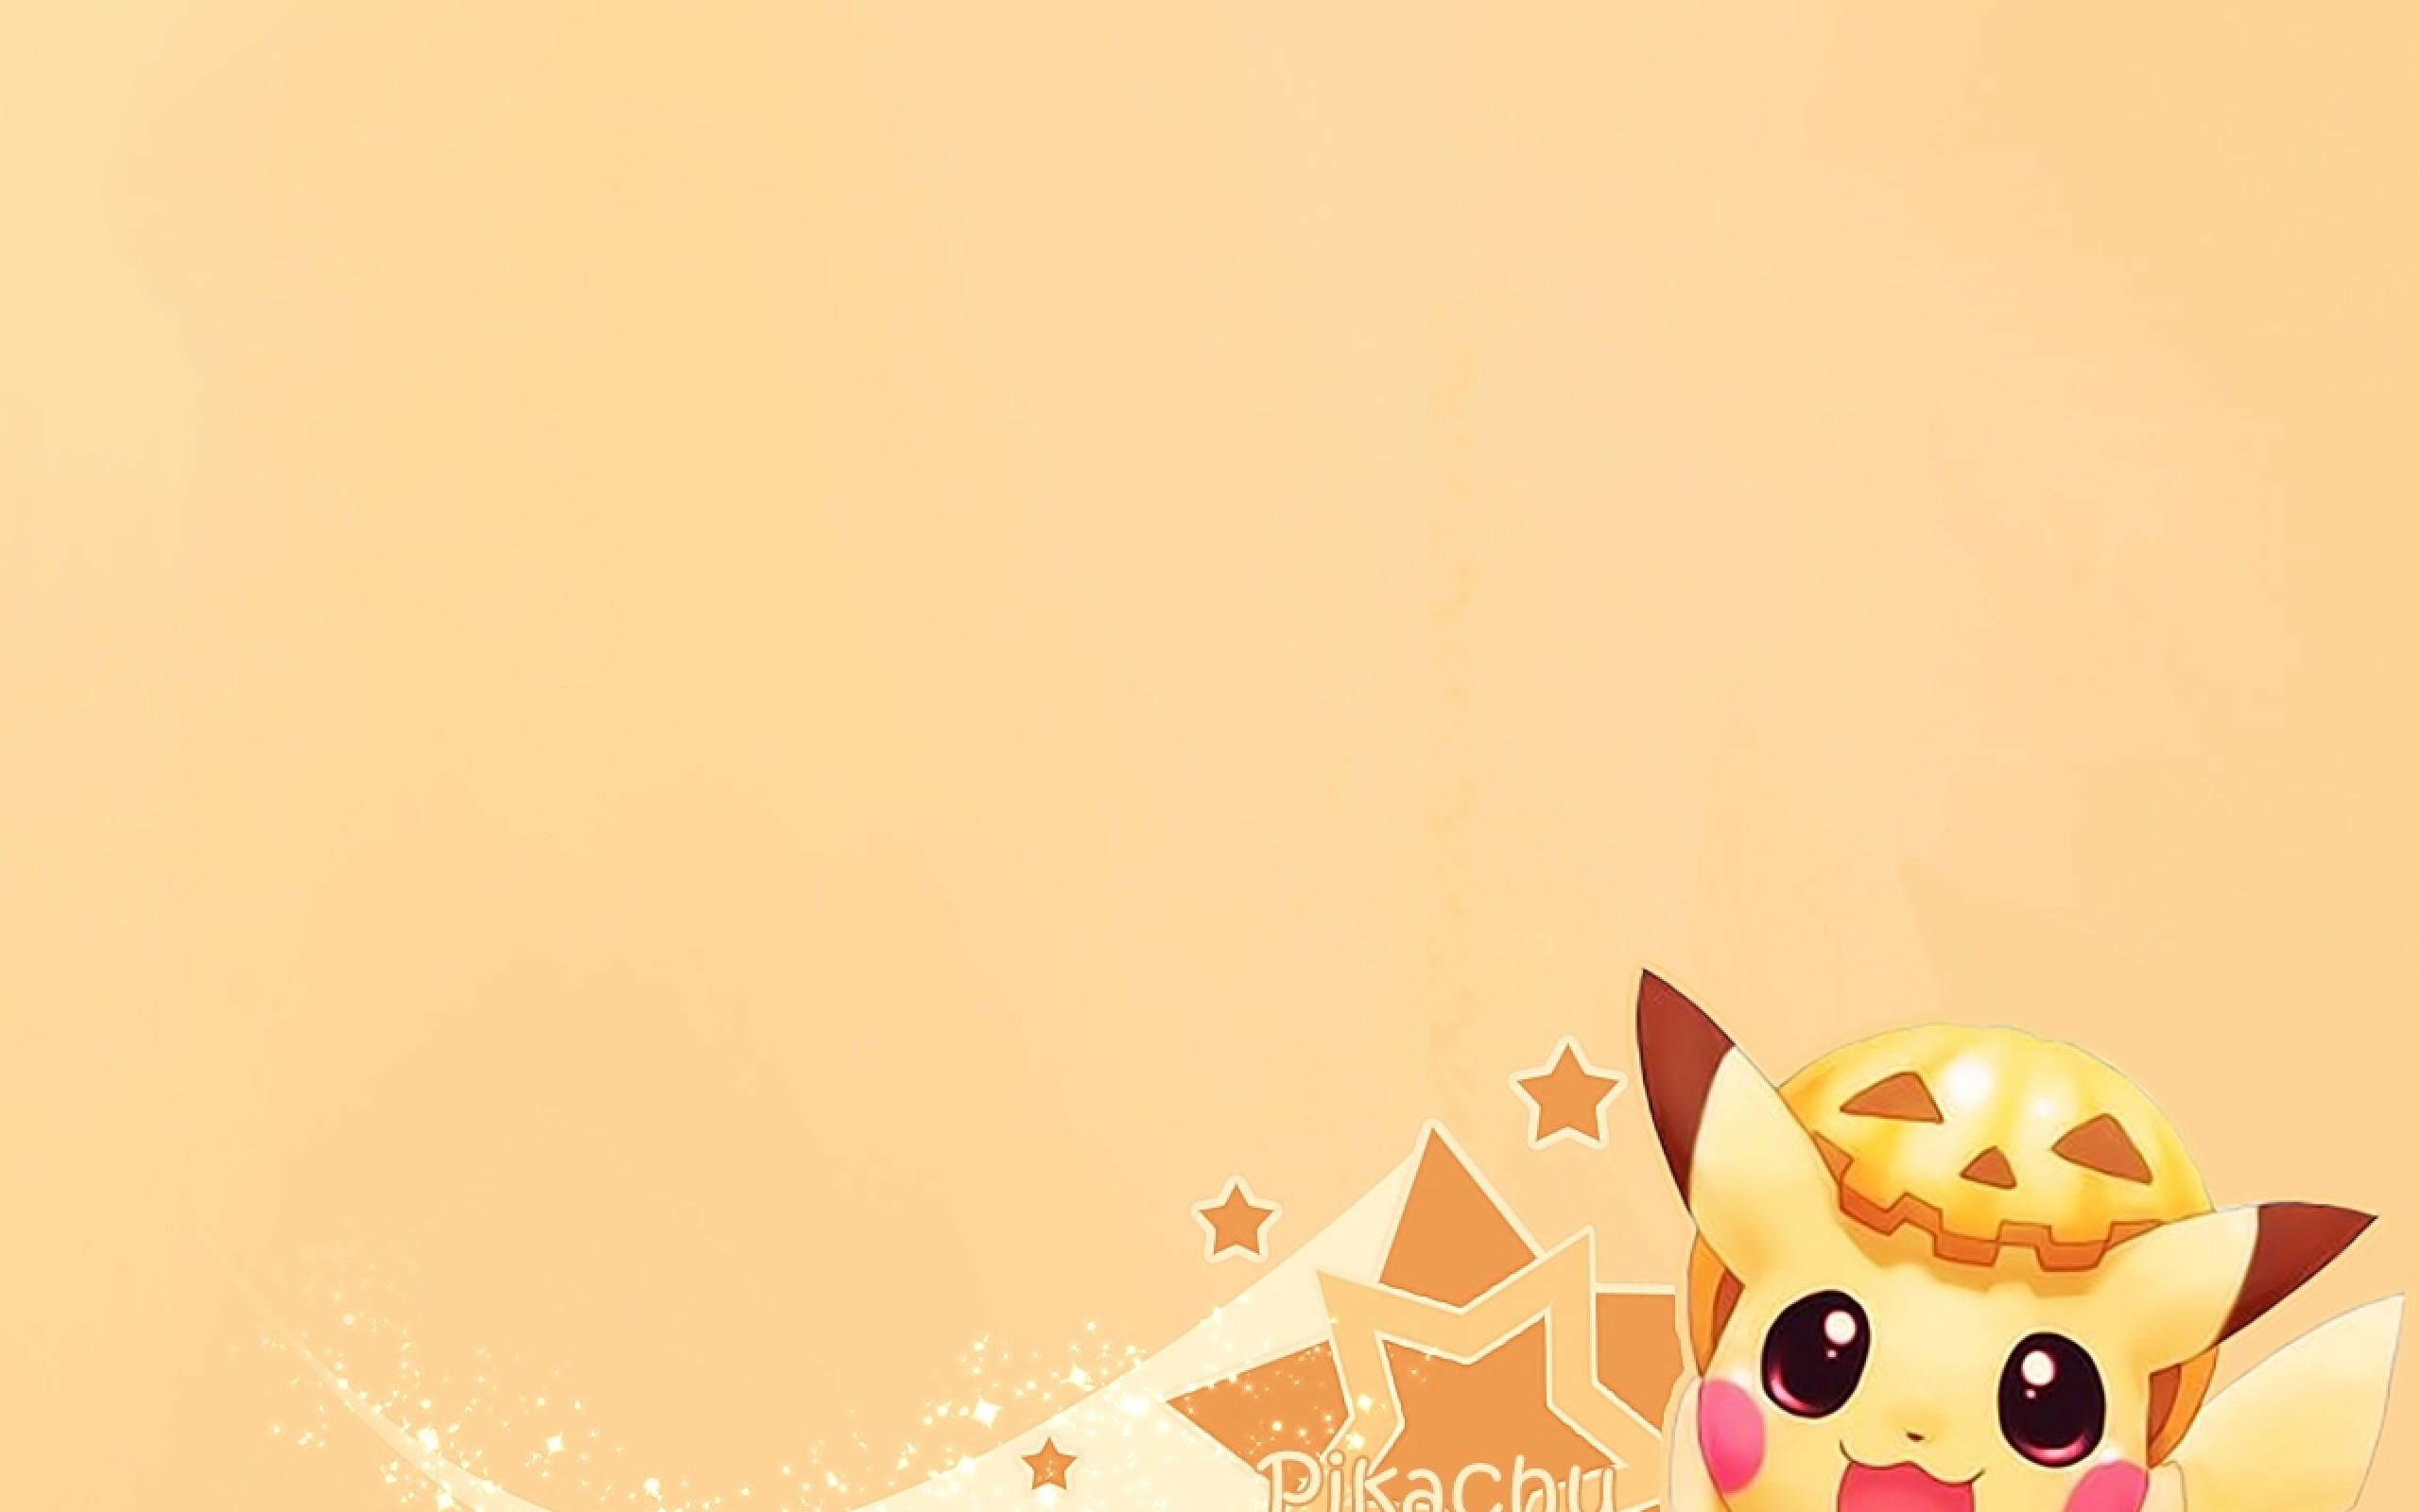 Cute pikachu background wallpaper HD.